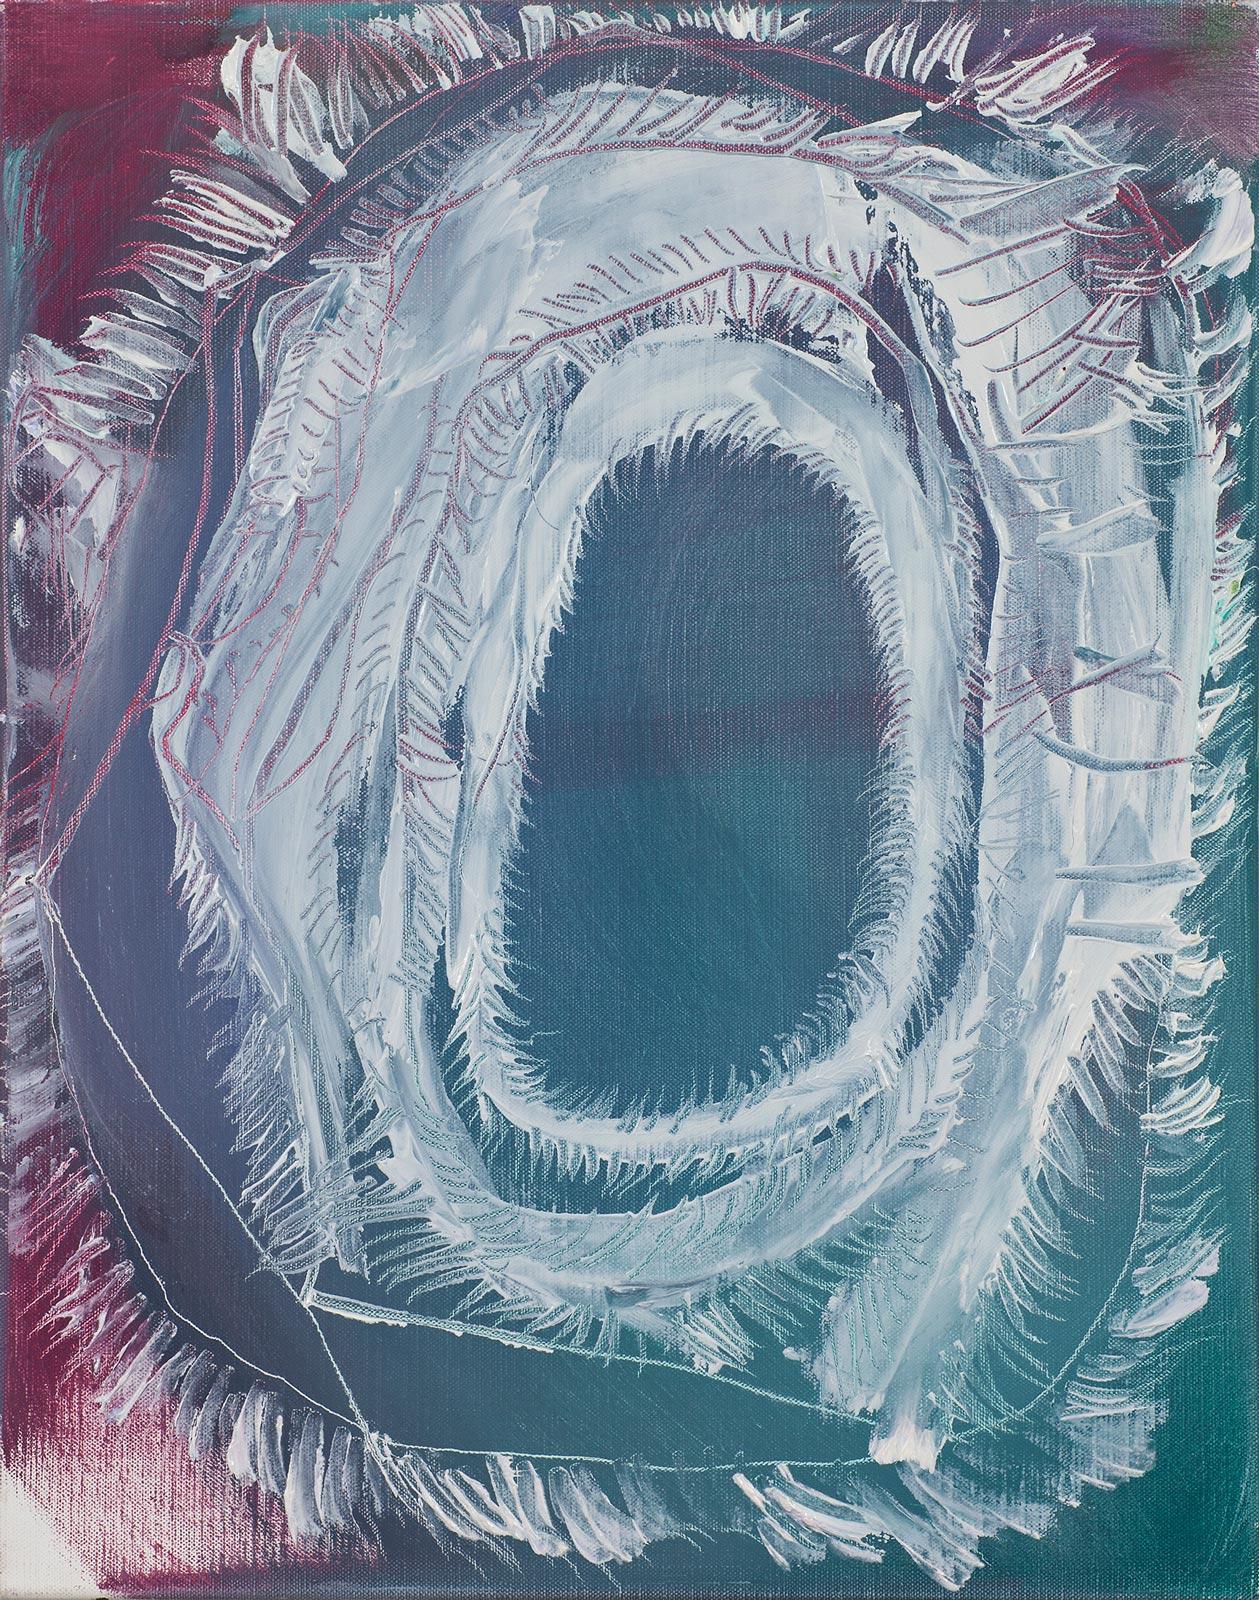 Aatola / Grenadine Paintings, 2011, oil on canvas, 52 x 42 cm